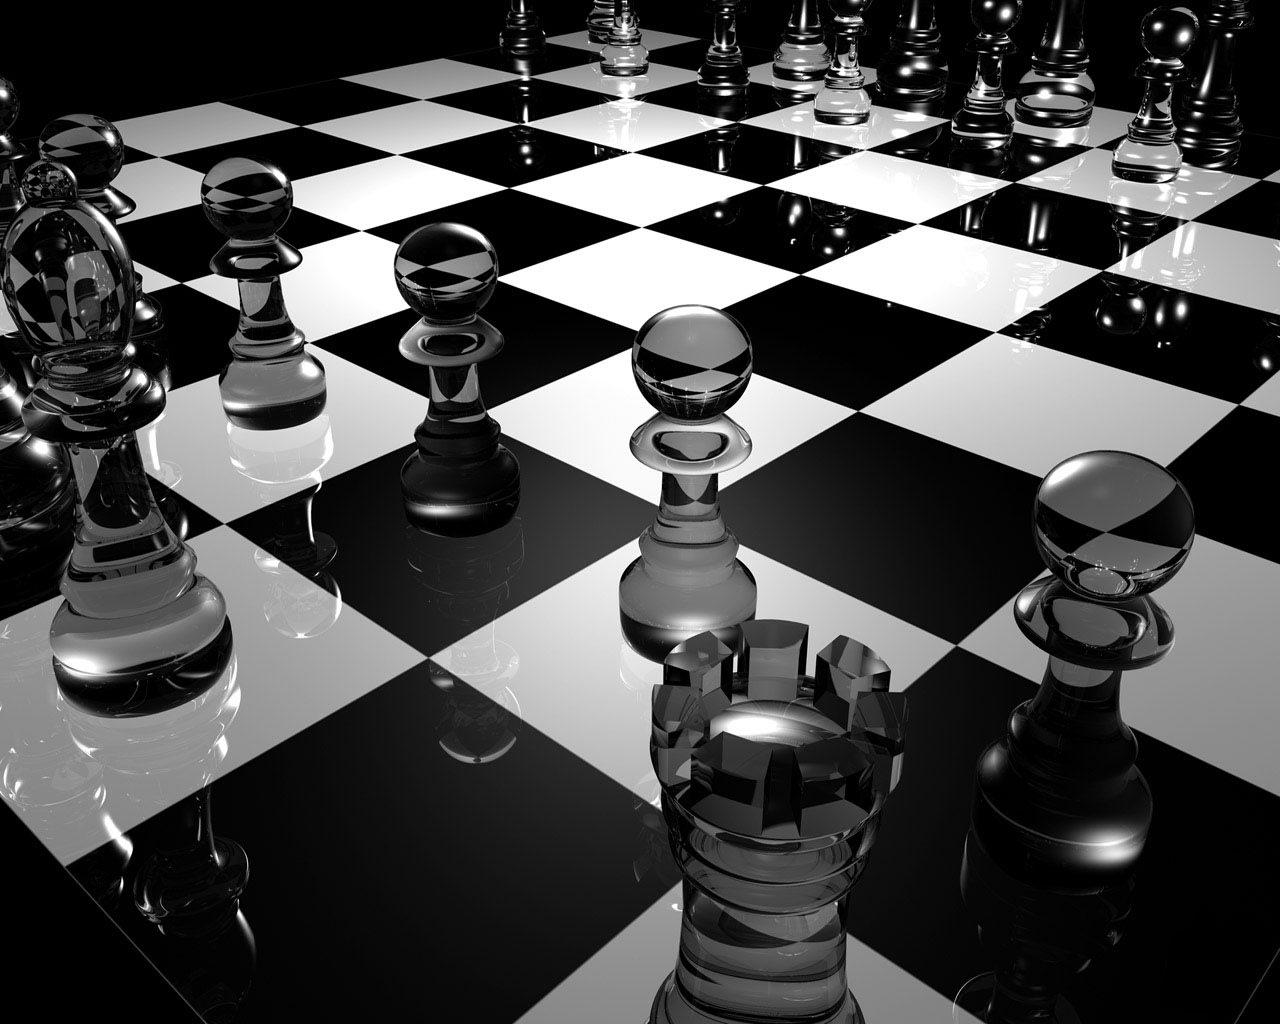 壁紙 チェス エンタープライズアプリケーション志向